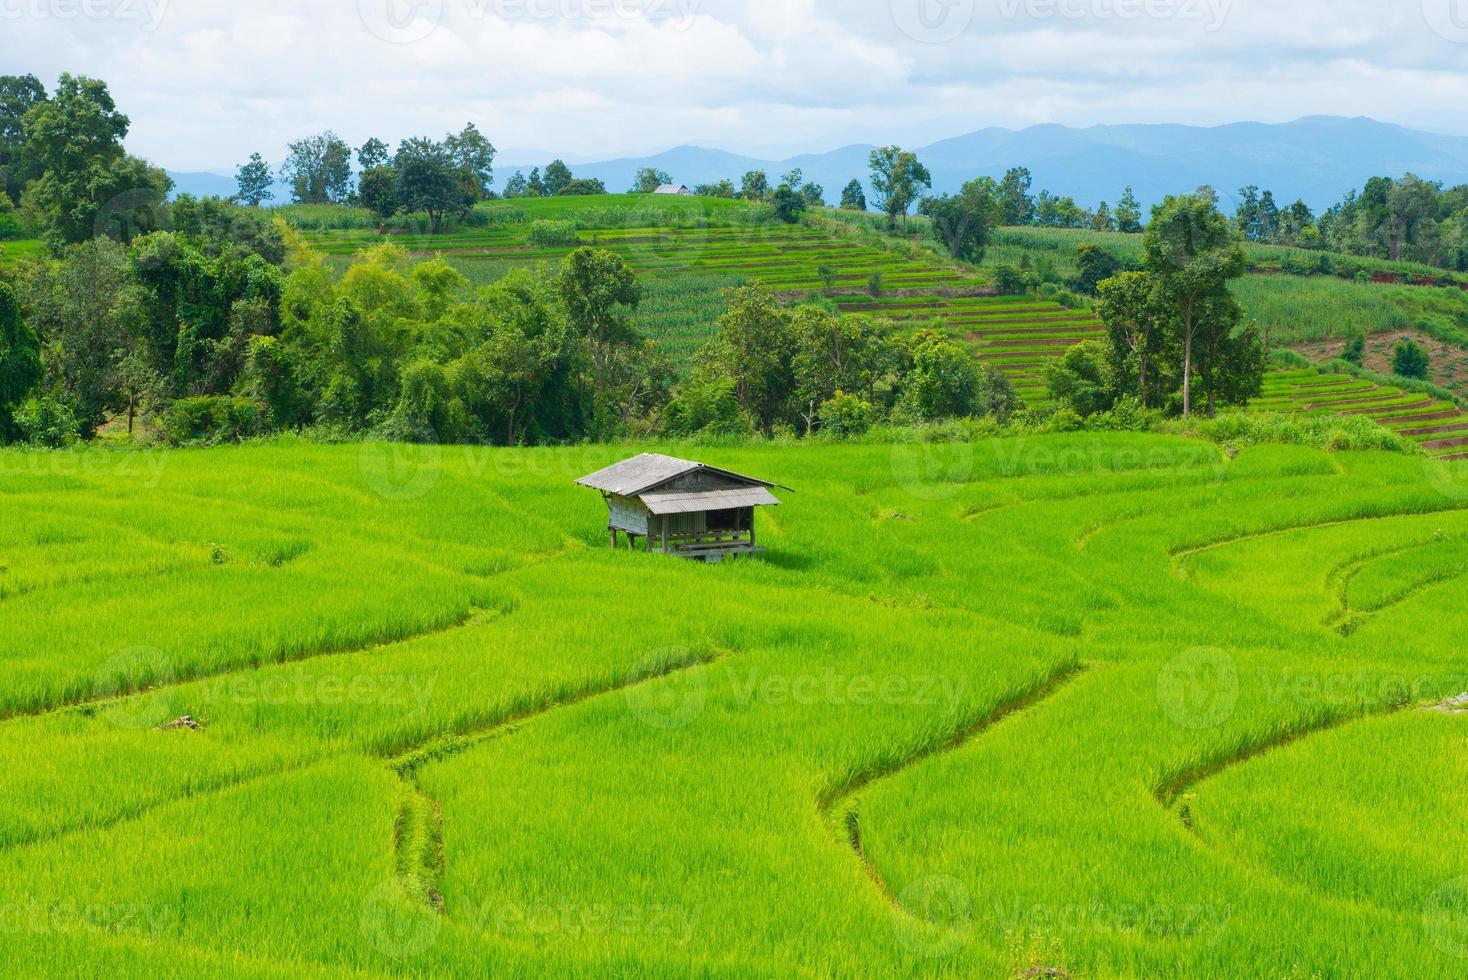 Reisfeld mit Häuschen in Thailand foto